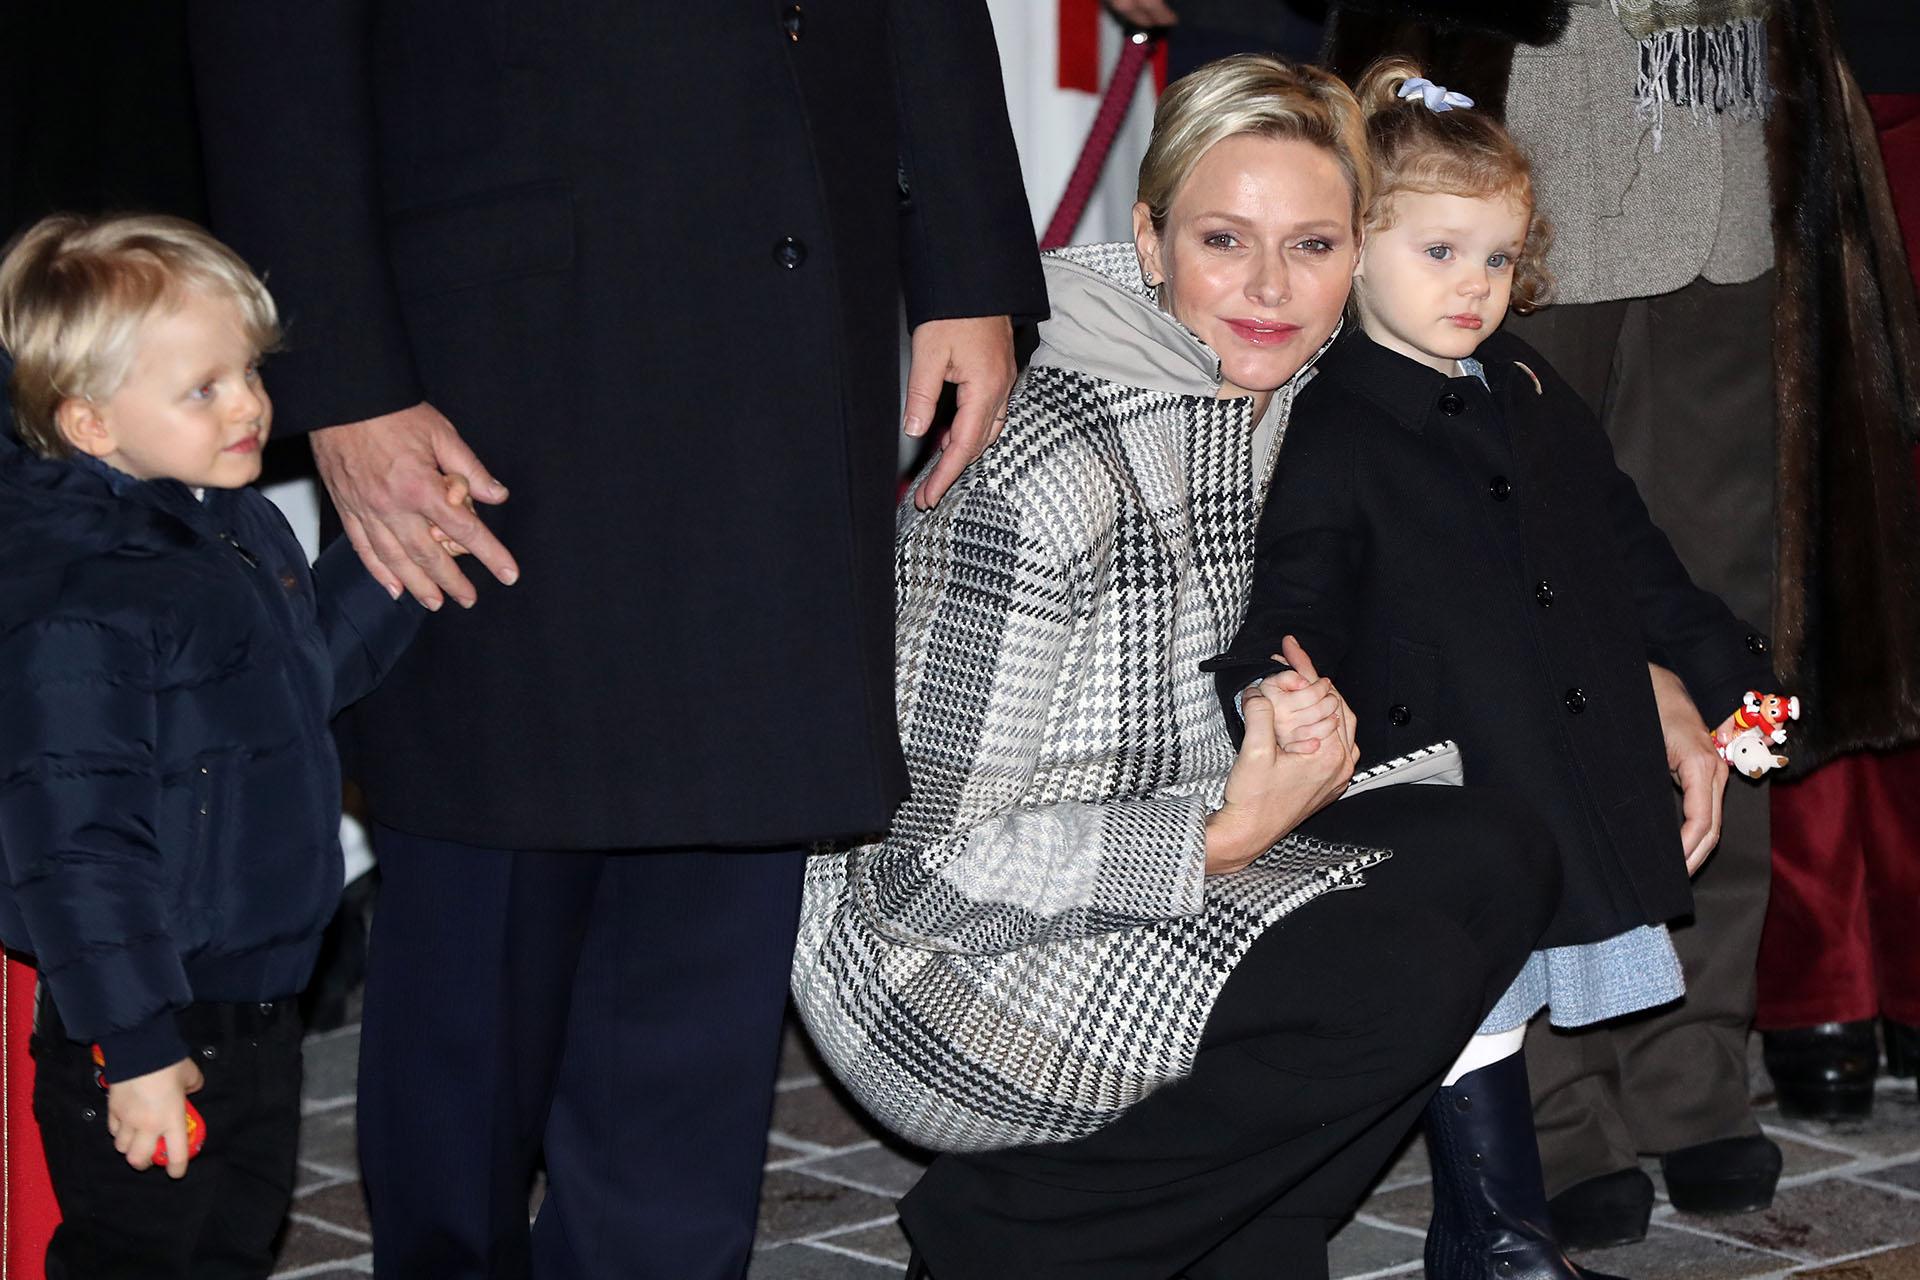 Radiante y amorosa, así se mostró Charlene durante toda la ceremonia en la que no se despegó de su familia /// Fotos: AFP